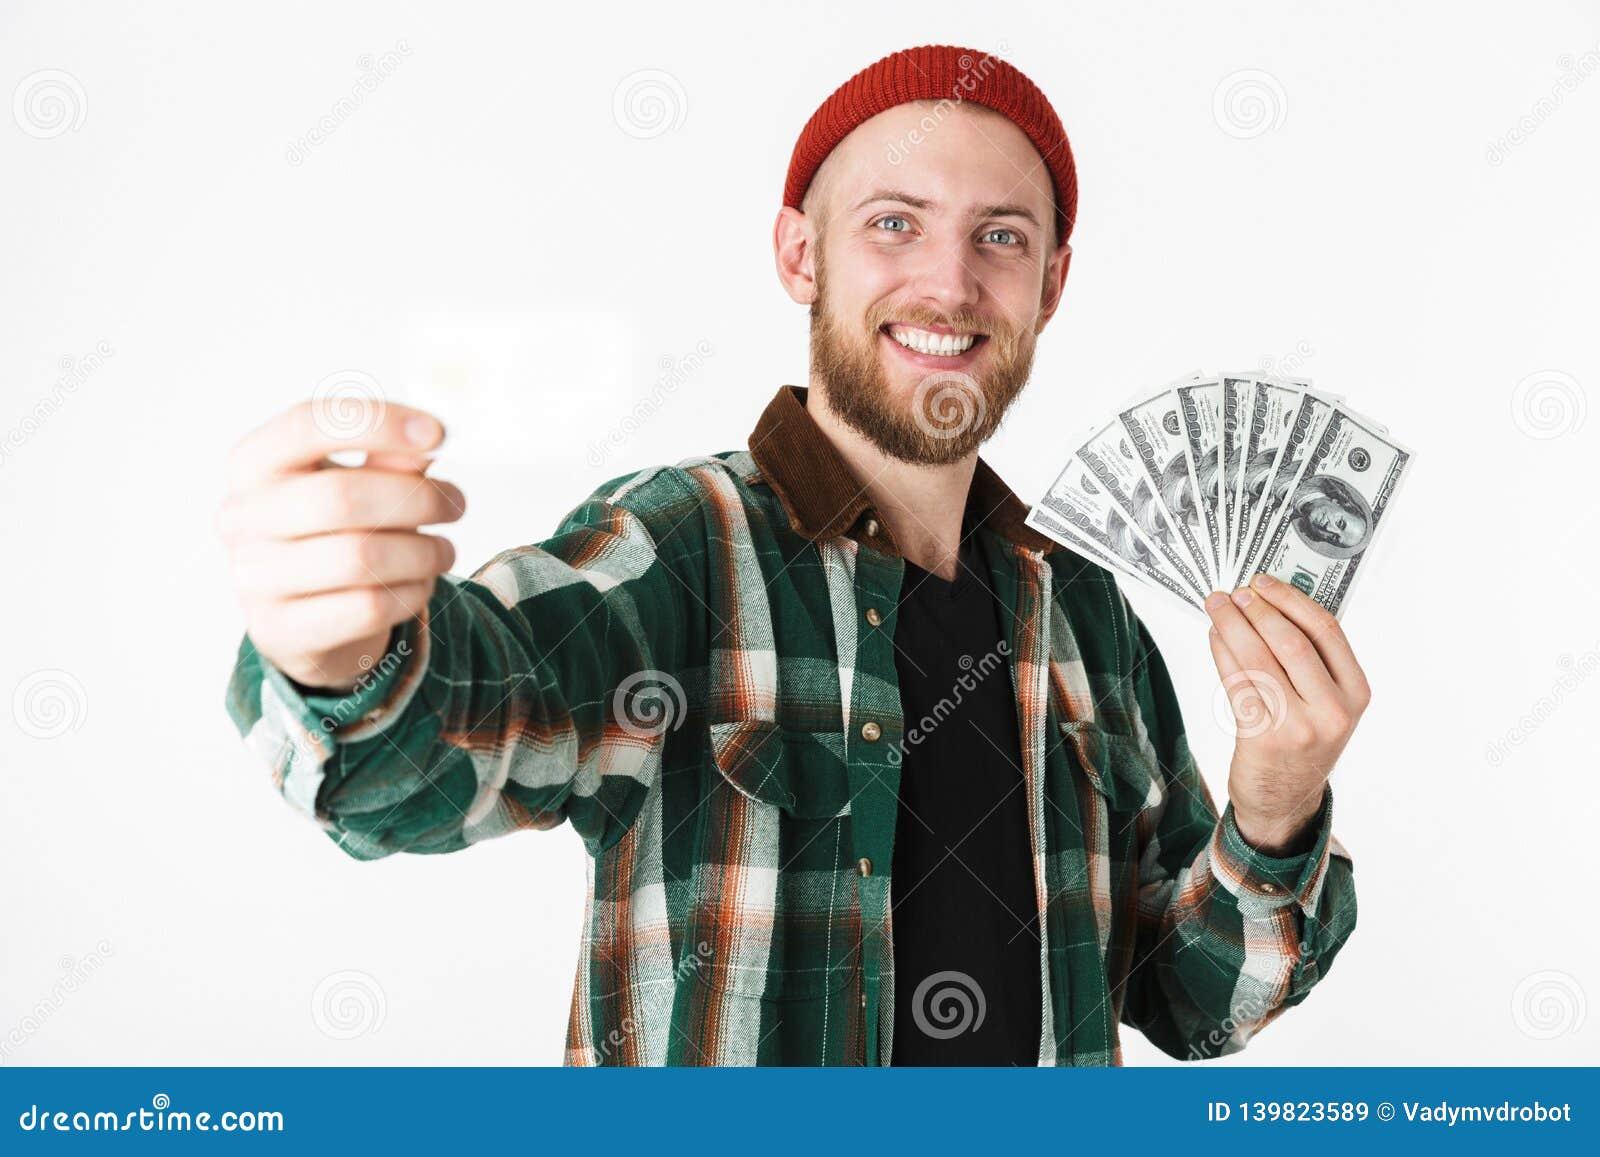 美元金钱的帅哥拿着信用卡的图象和爱好者的,当站立隔绝在白色背景时